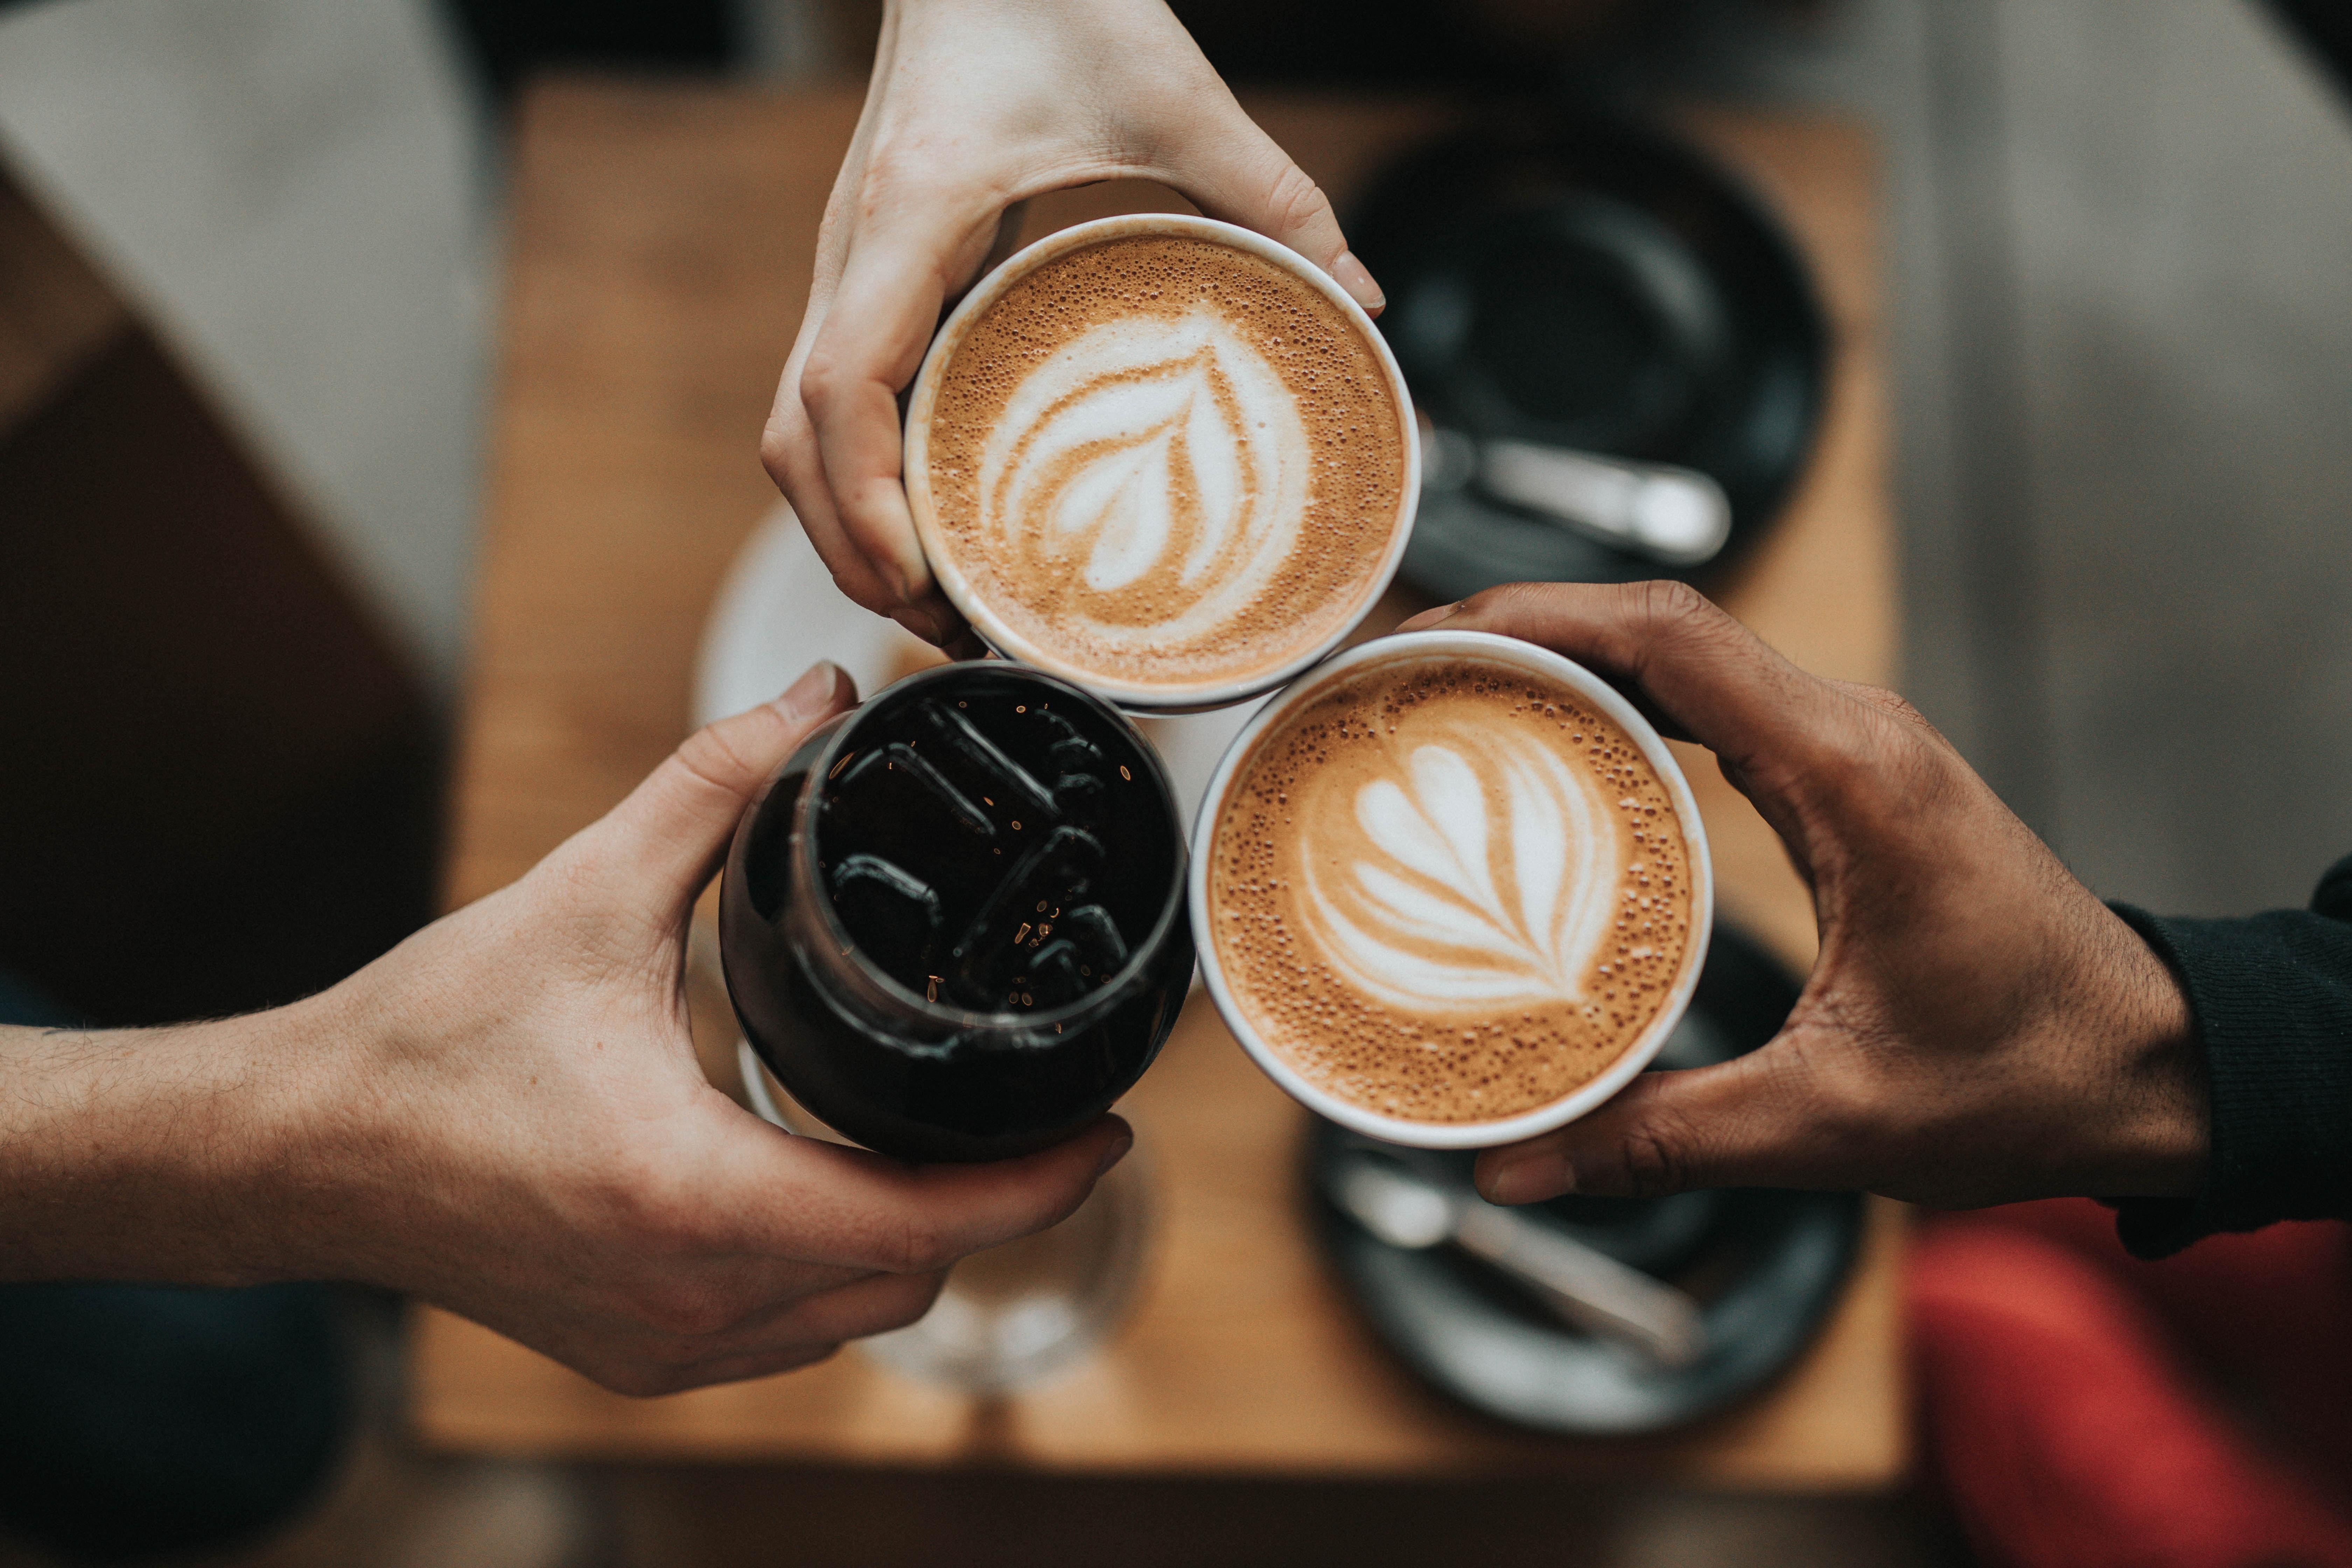 Koffie drinken verlengt je leven. Dit is bewezen uit onderzoek. Drink jij koffie? Dan leef je waarschijnlijk langer